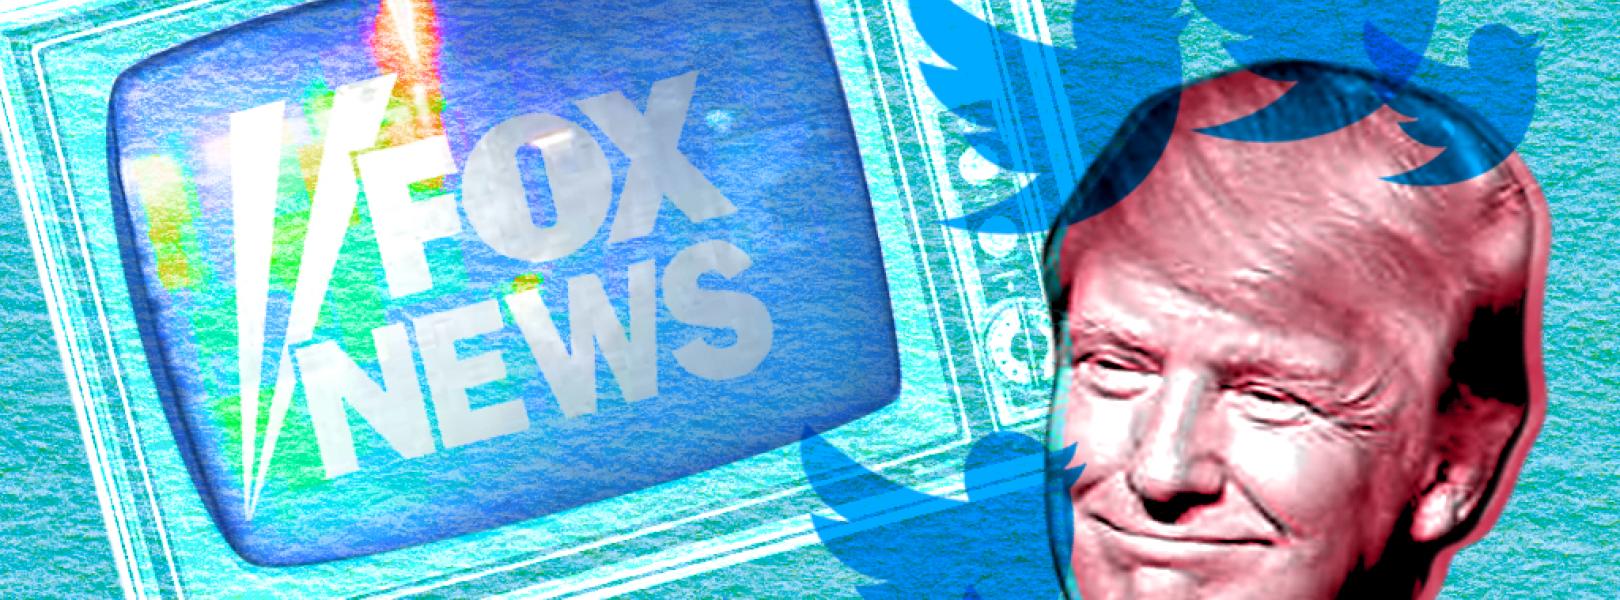 Trump Fox News obsession